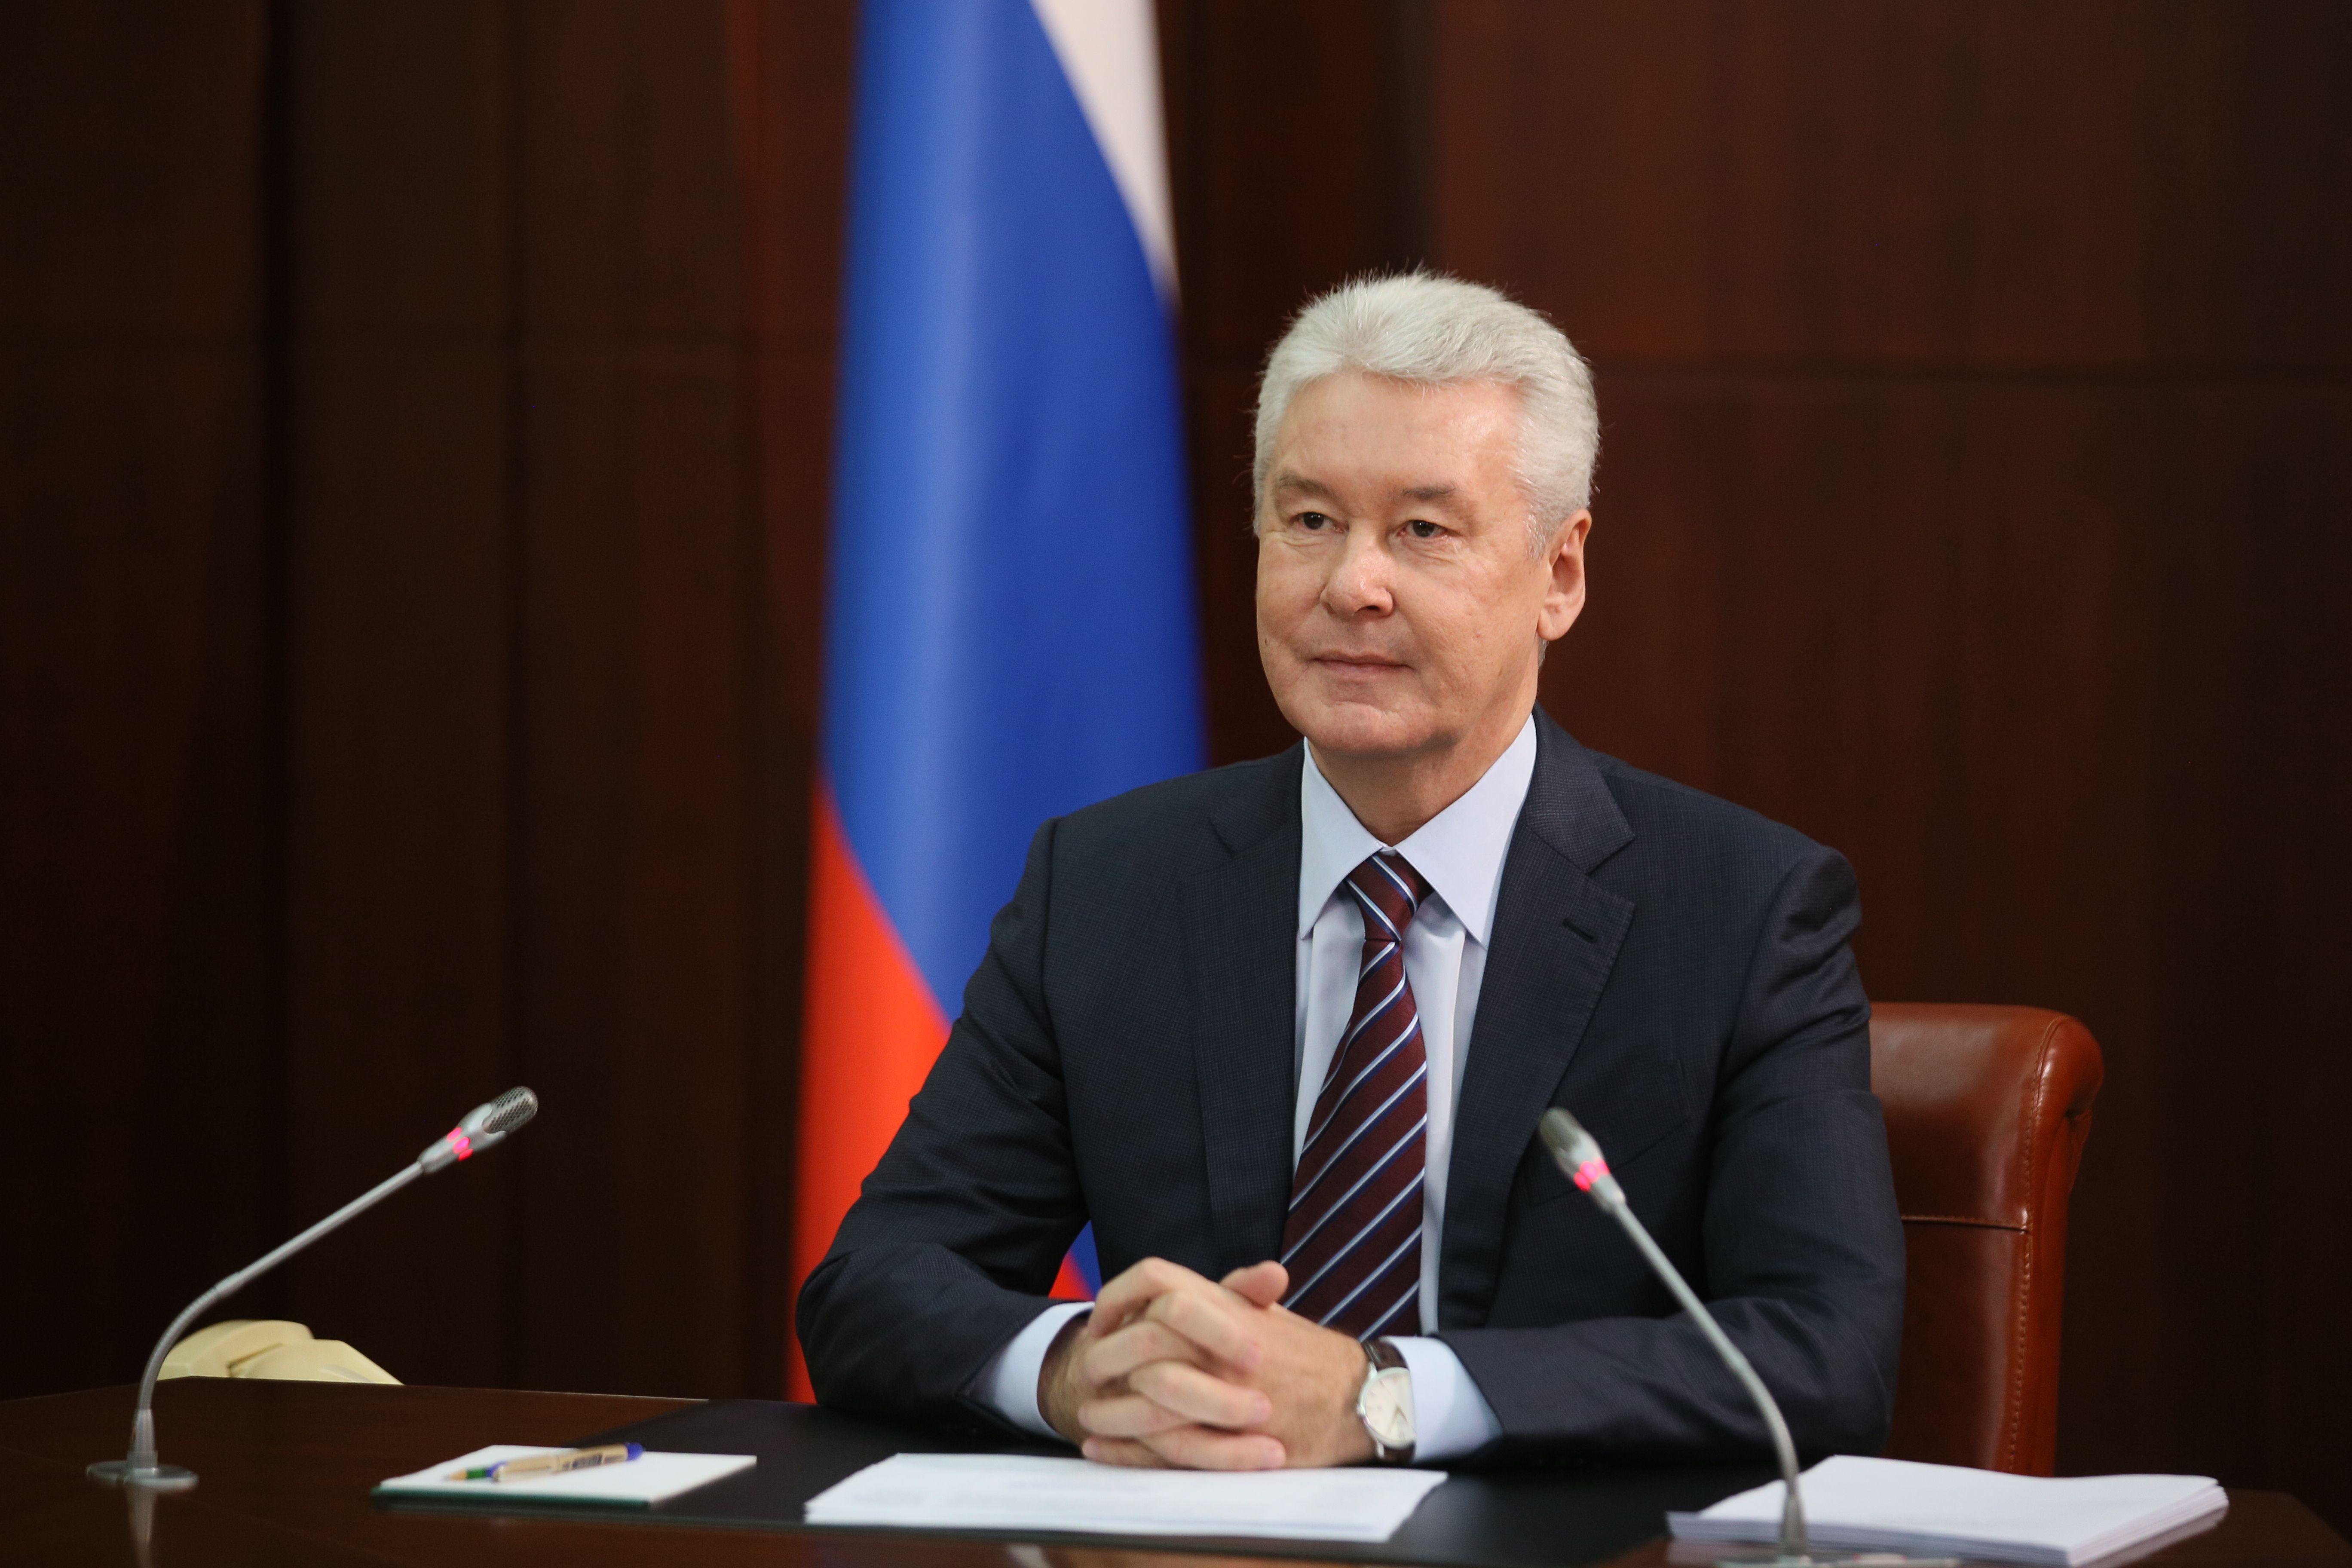 Сергей Собянин попросил москвичей прислать идеи по развитию спорта